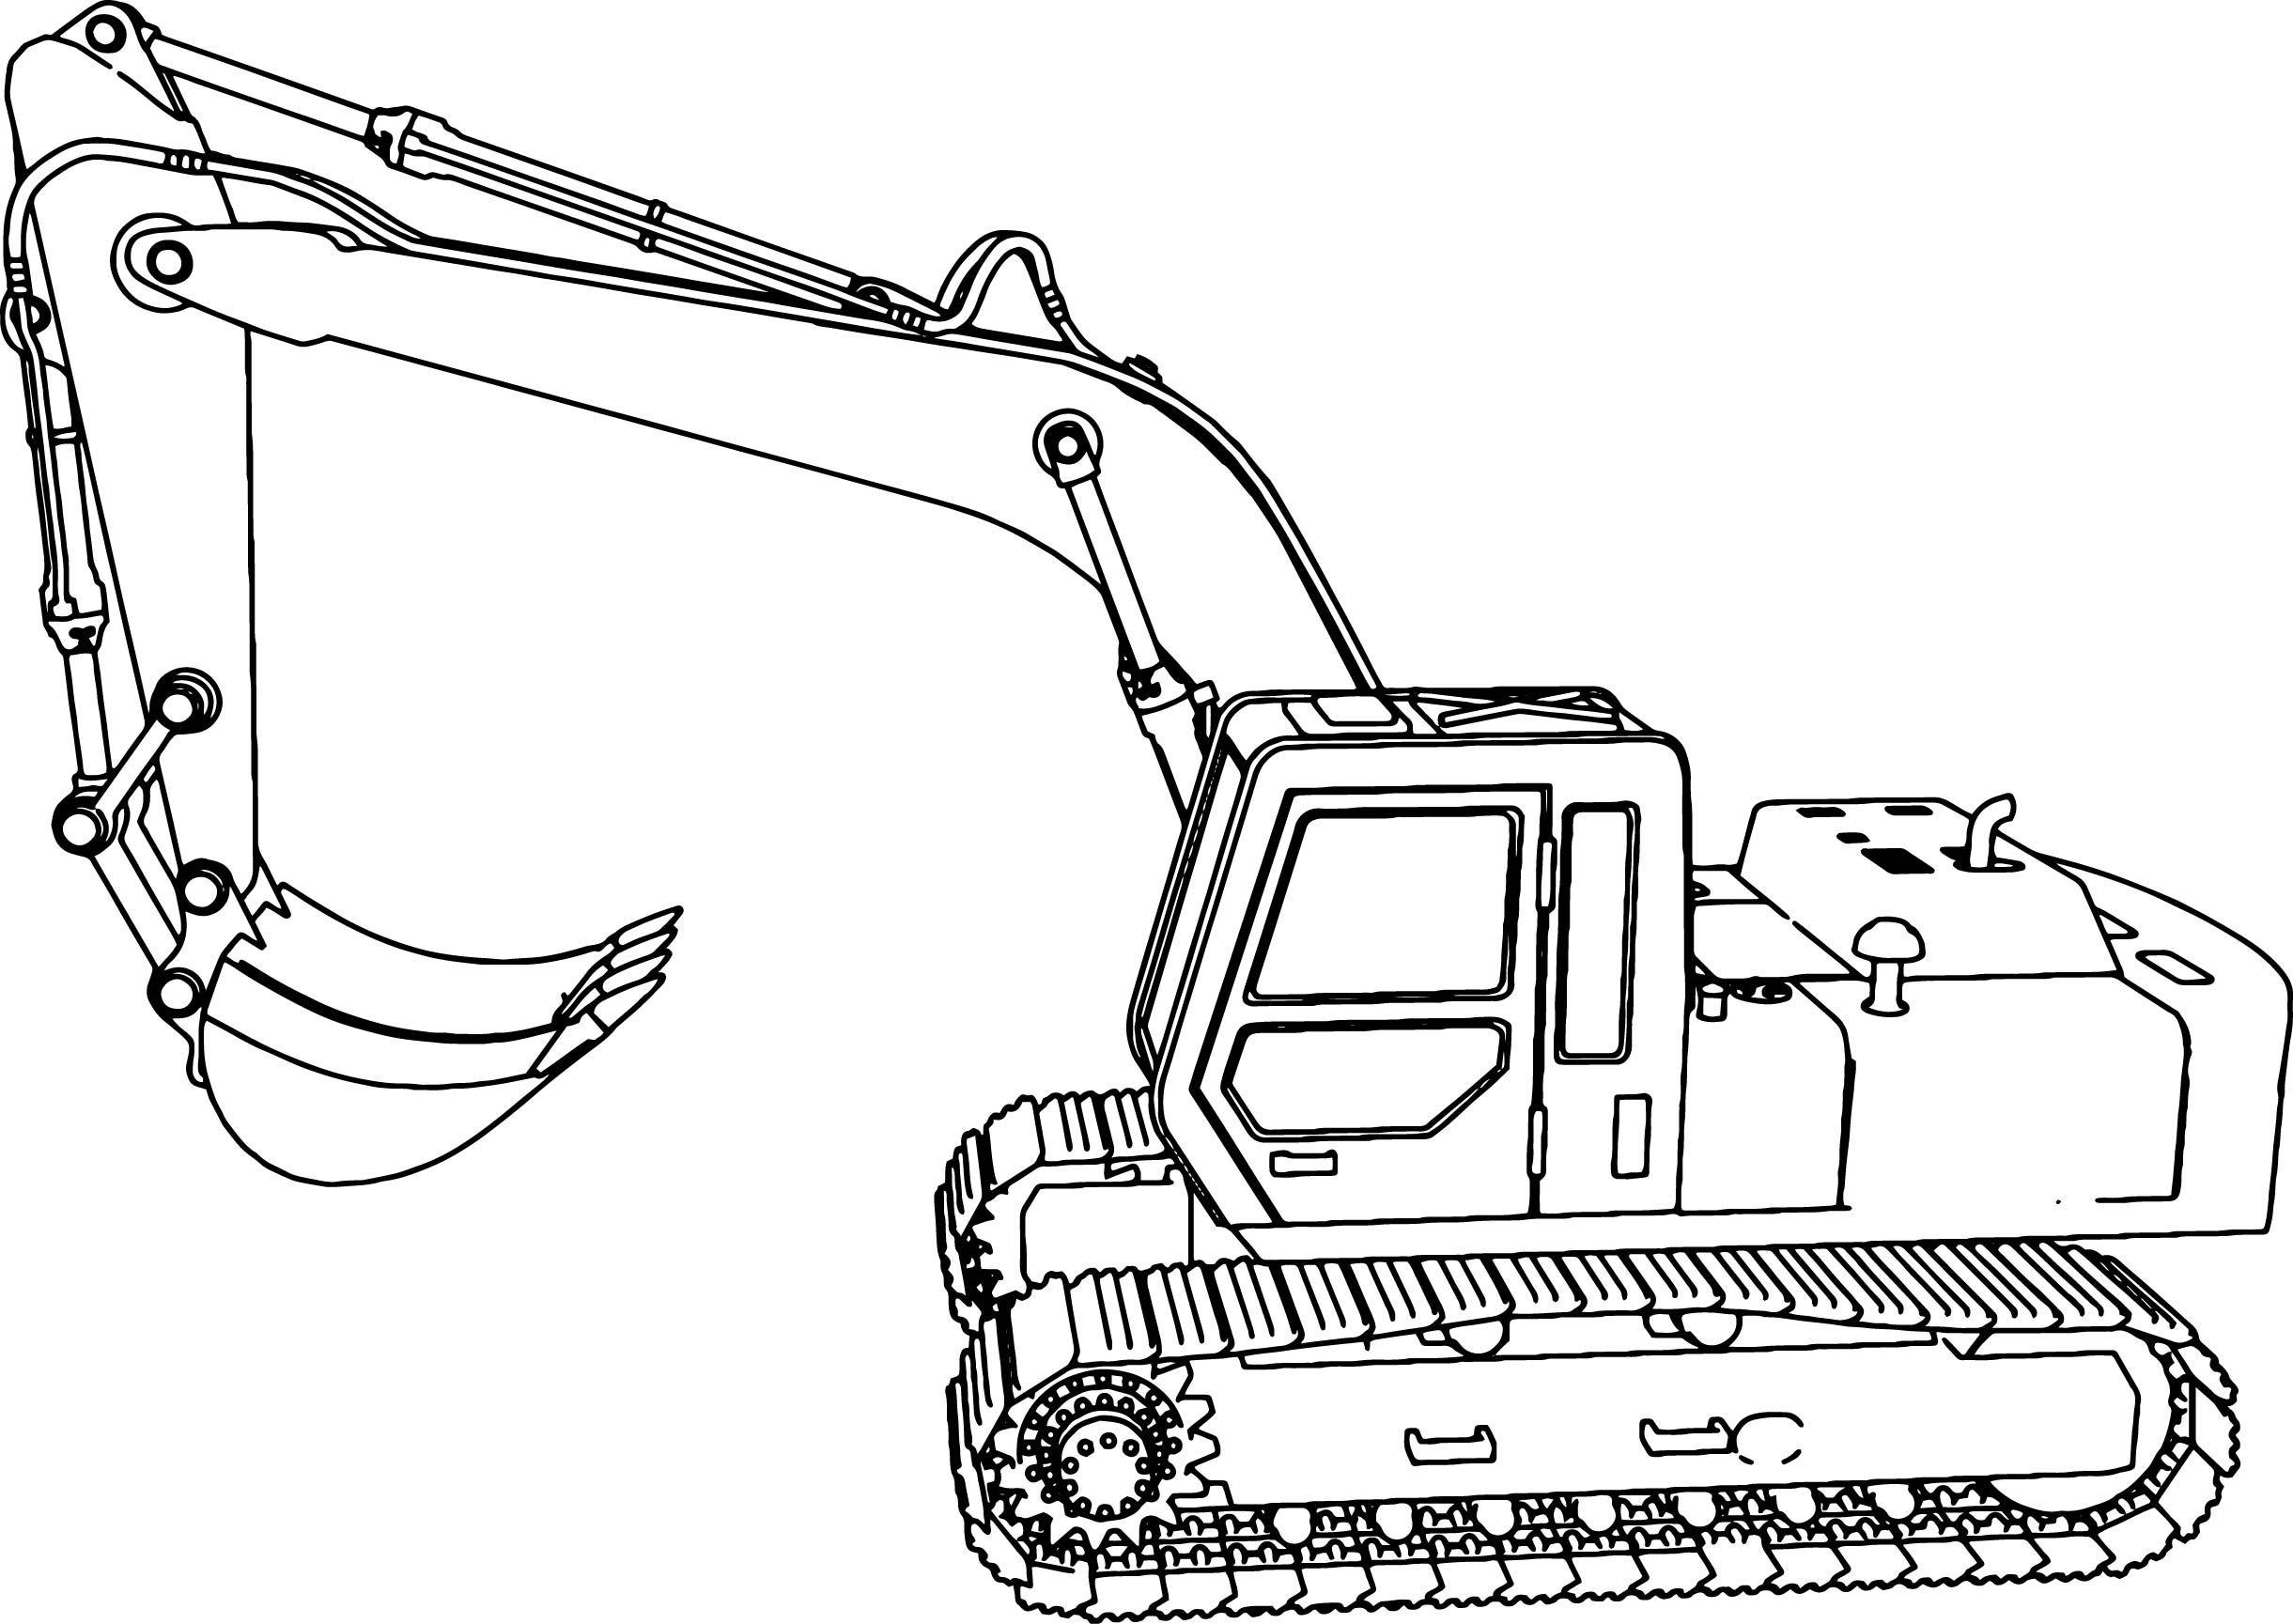 Gambar Mobil Excavator Untuk Mewarnai Mewarnai Cerita Terbaru Lucu Sedih Humor Kocak Romantis